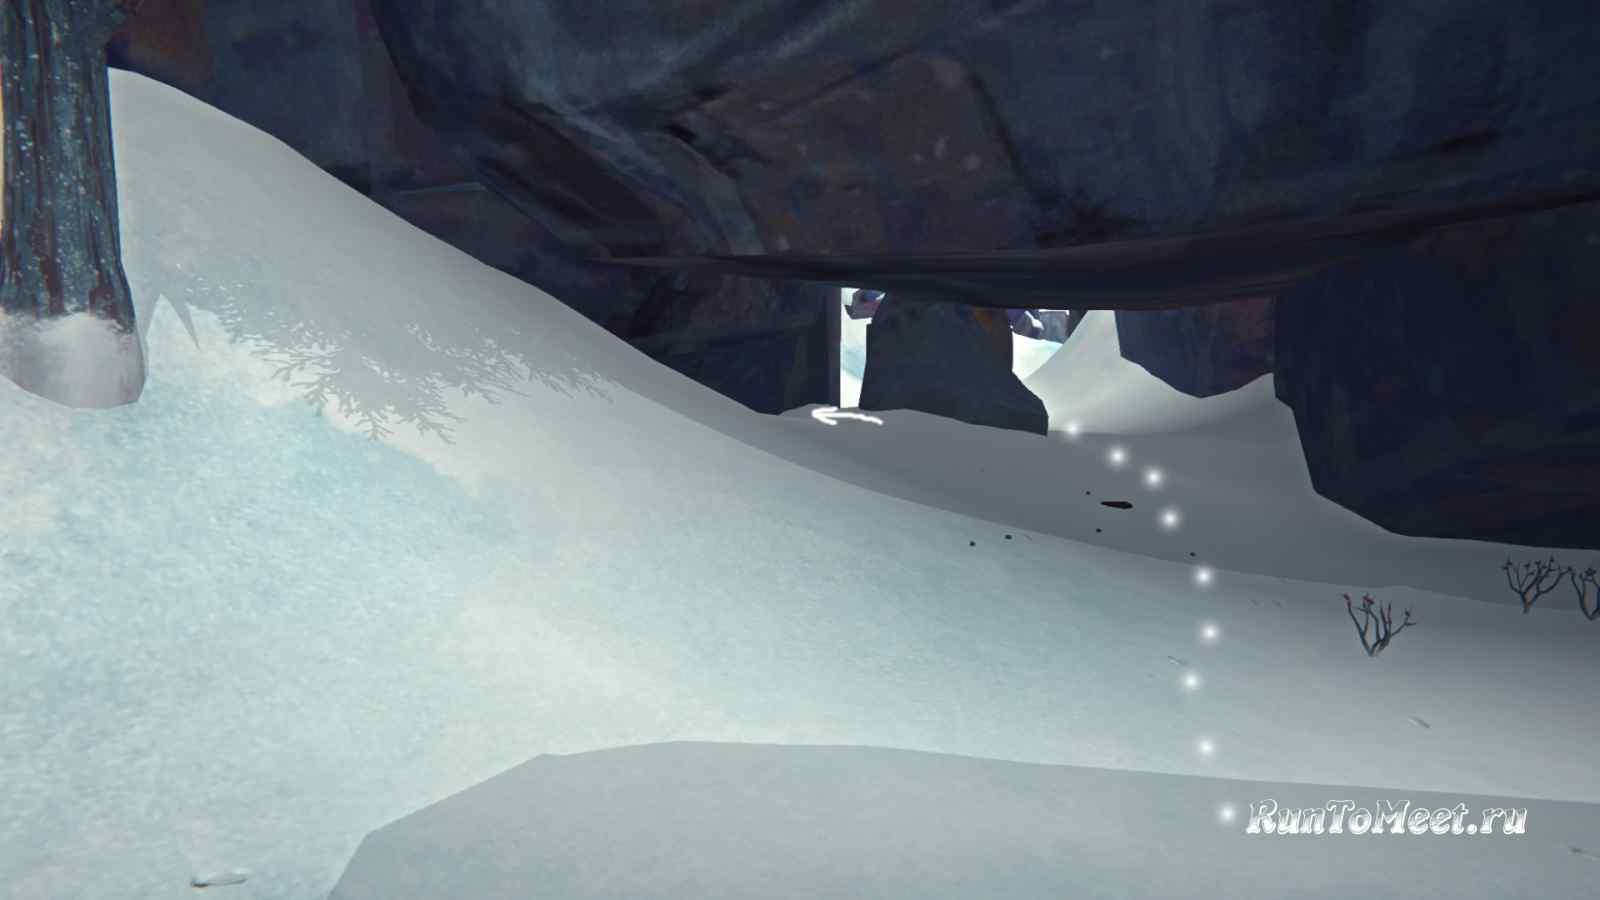 Проход с укрытием к виду на Волчью пасть в Пепельном каньоне игры The long dark